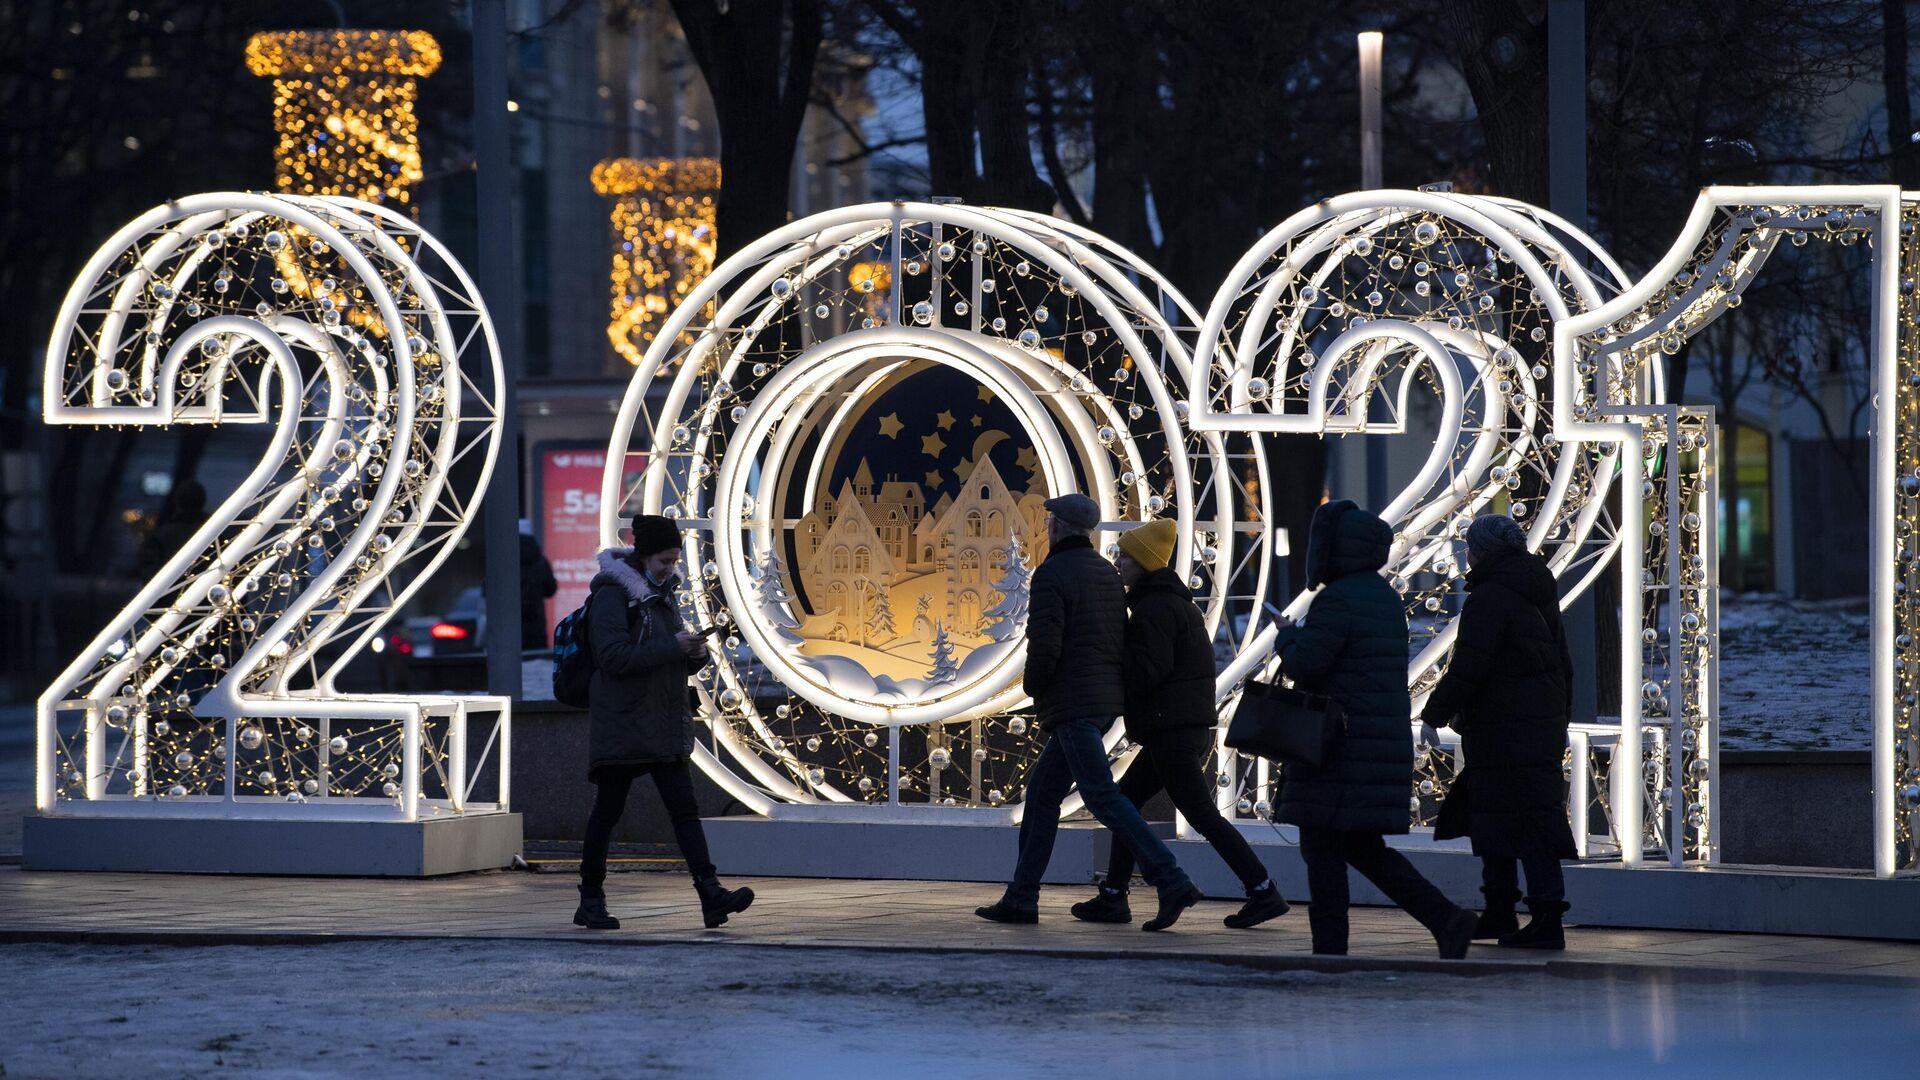 Новогодняя инсталляция возле станции метро Арбатская в Москве - РИА Новости, 1920, 24.12.2020